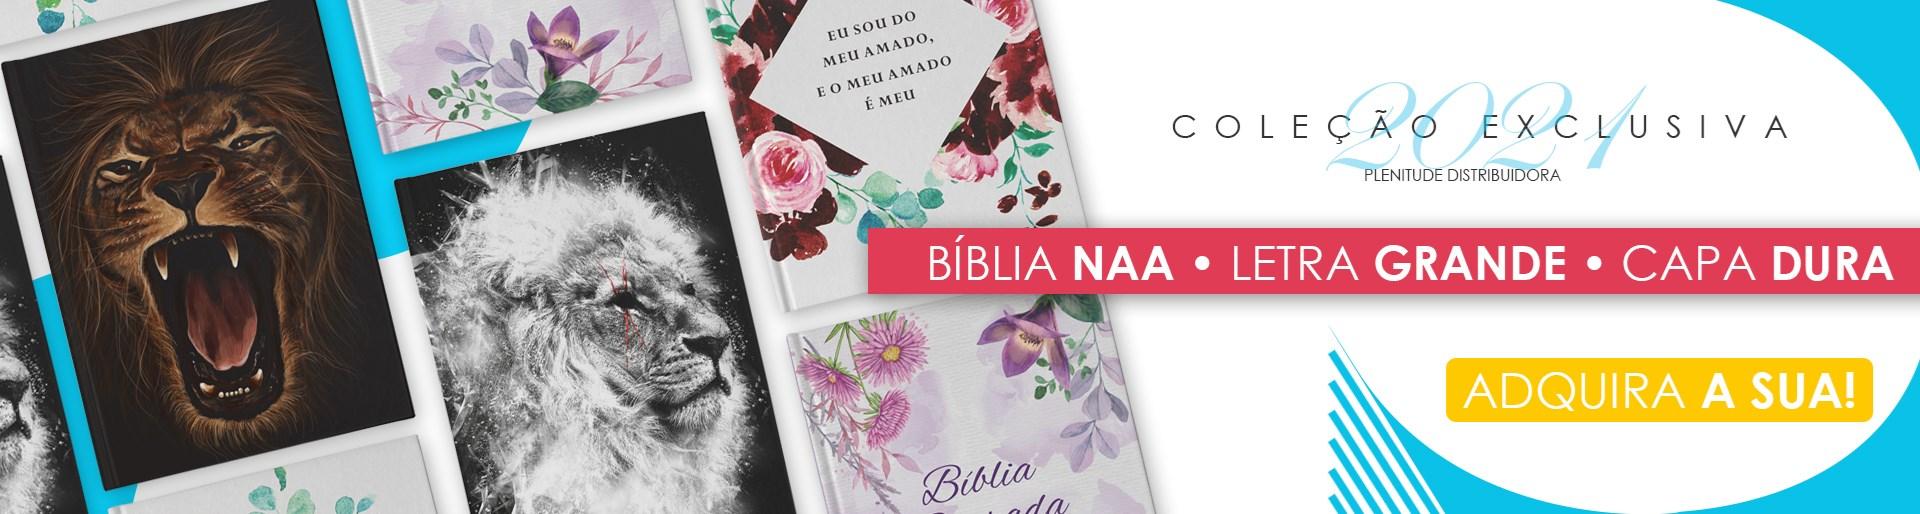 Bíblia NAA Letra Grande Plenitude Distribuidora